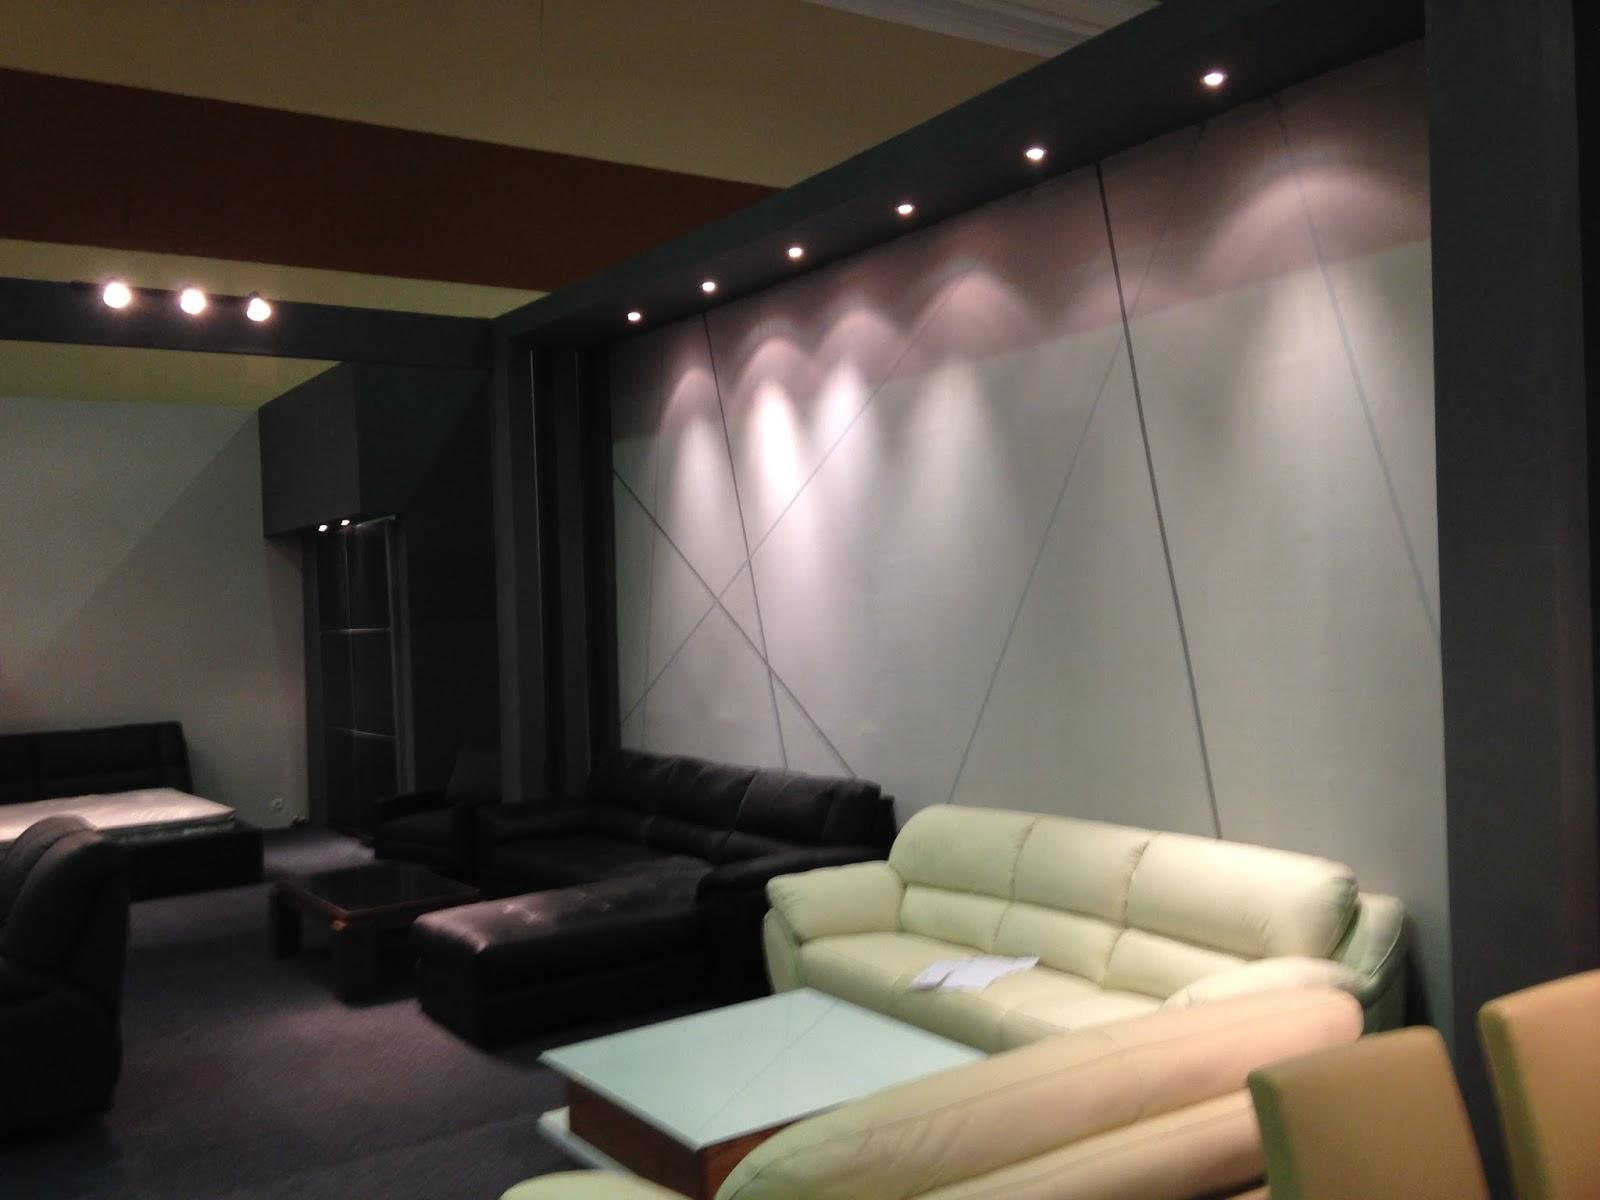 Pameran furniture tahunan yang menghadirkan brand ternama seperti cellini inexpo sebagai profesional kontraktor pameran ikut berpartisipasi mendukung